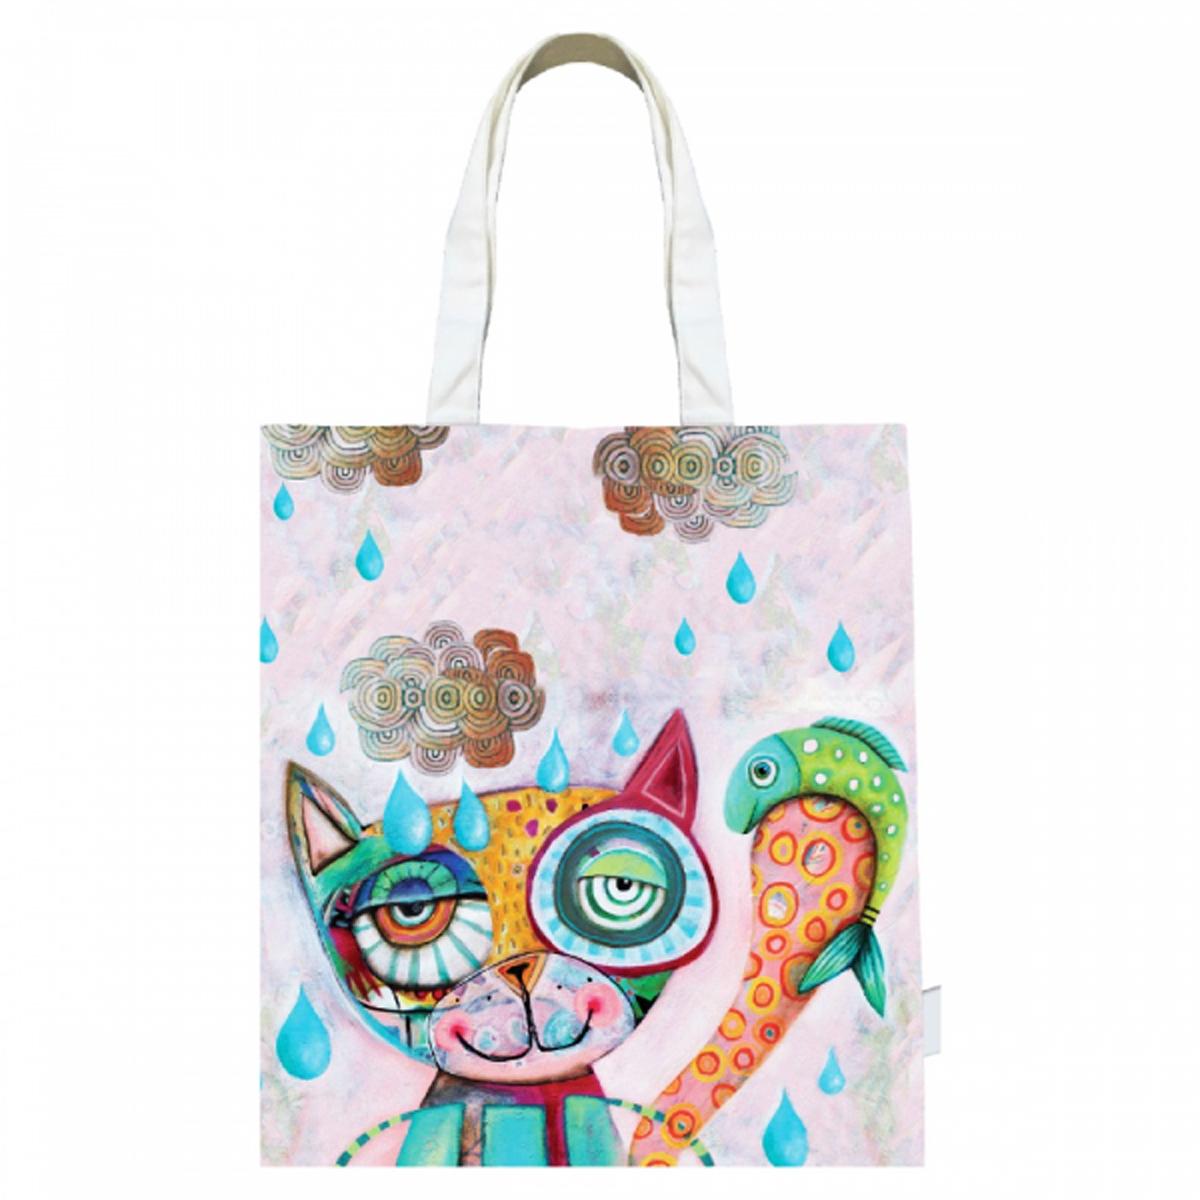 Sac coton / tote bag \'Allen Designs\' rose multicolore (chat) - 43x39 cm - [R1953]